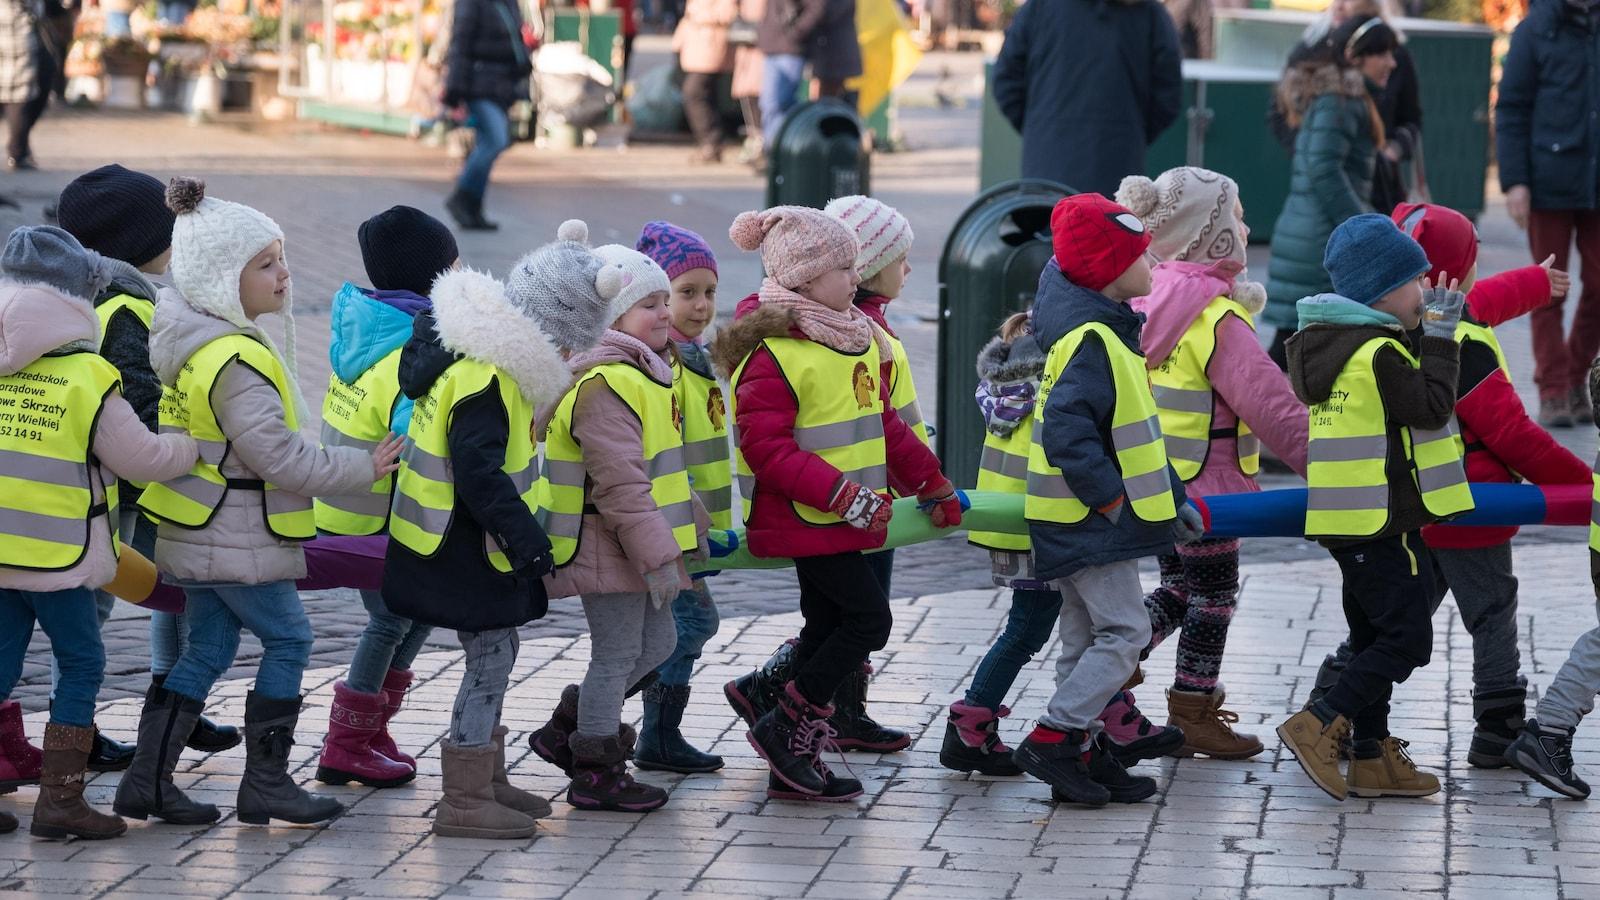 Des enfants vêtus de dossards réfléchissants marchent en file.